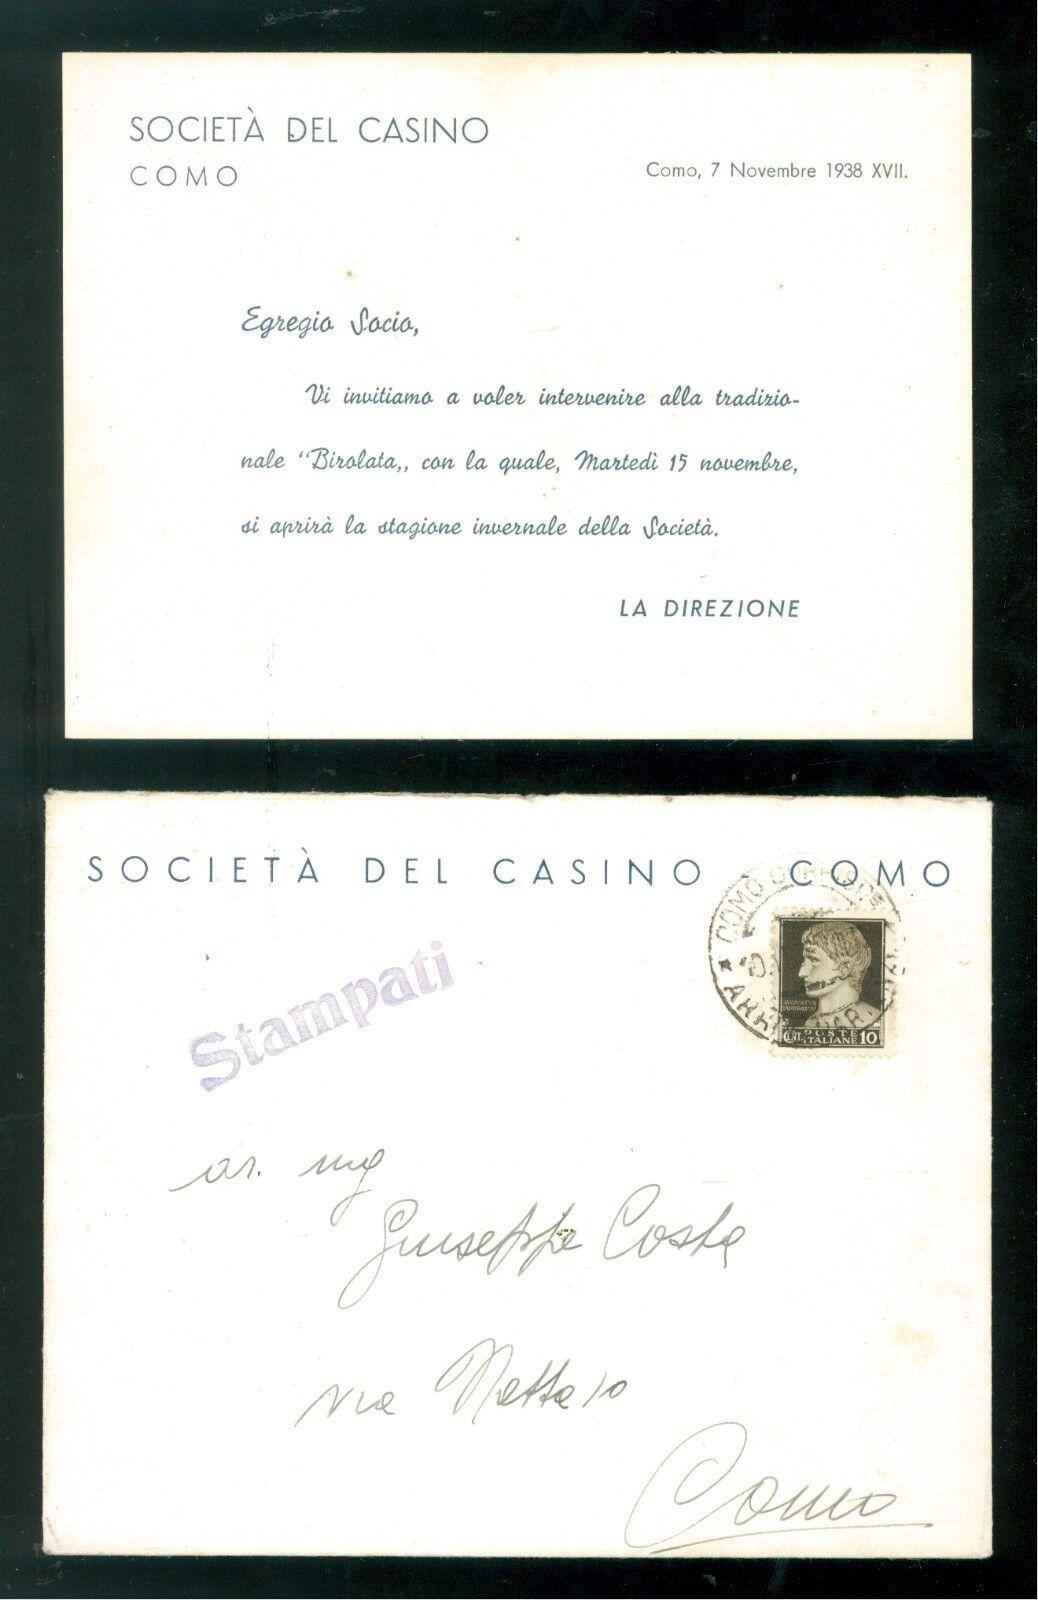 SOCIETA' DEL CASINO' COMO INVITO SERATA APERTURA STAGIONE INVERNALE 1938 + BUSTA